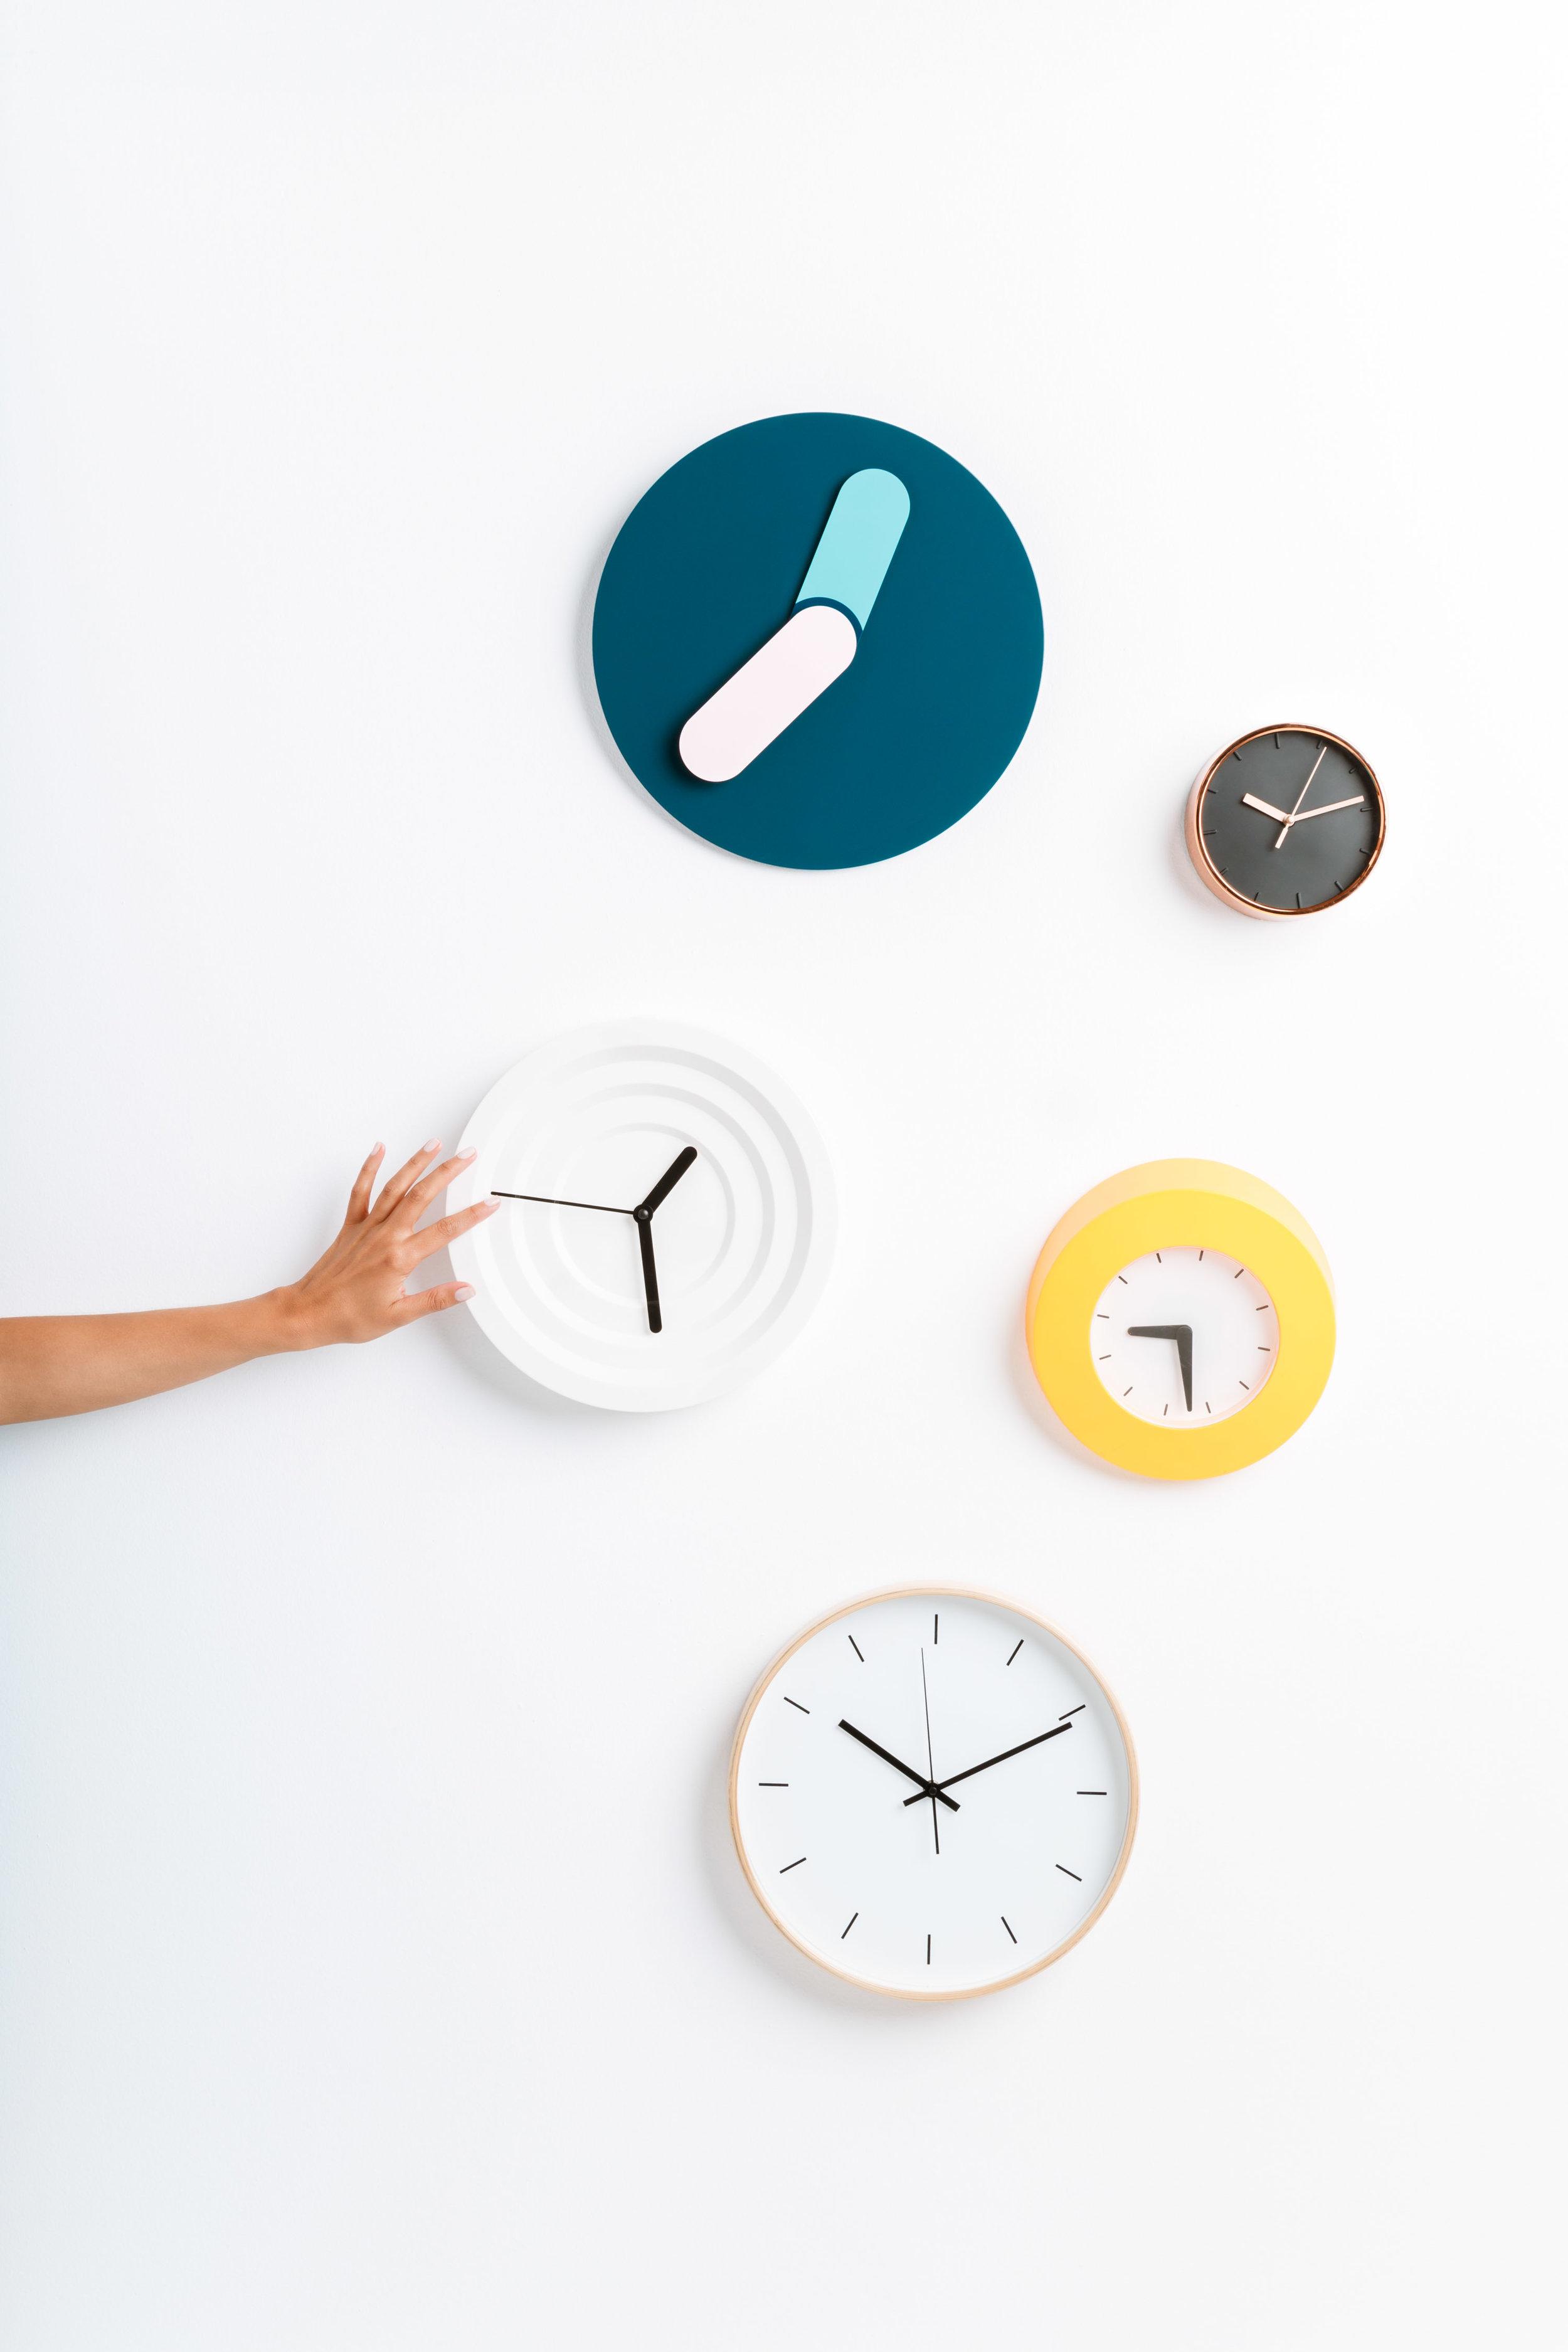 092916_MO_Ebay_Clocks_0046-V02.jpg